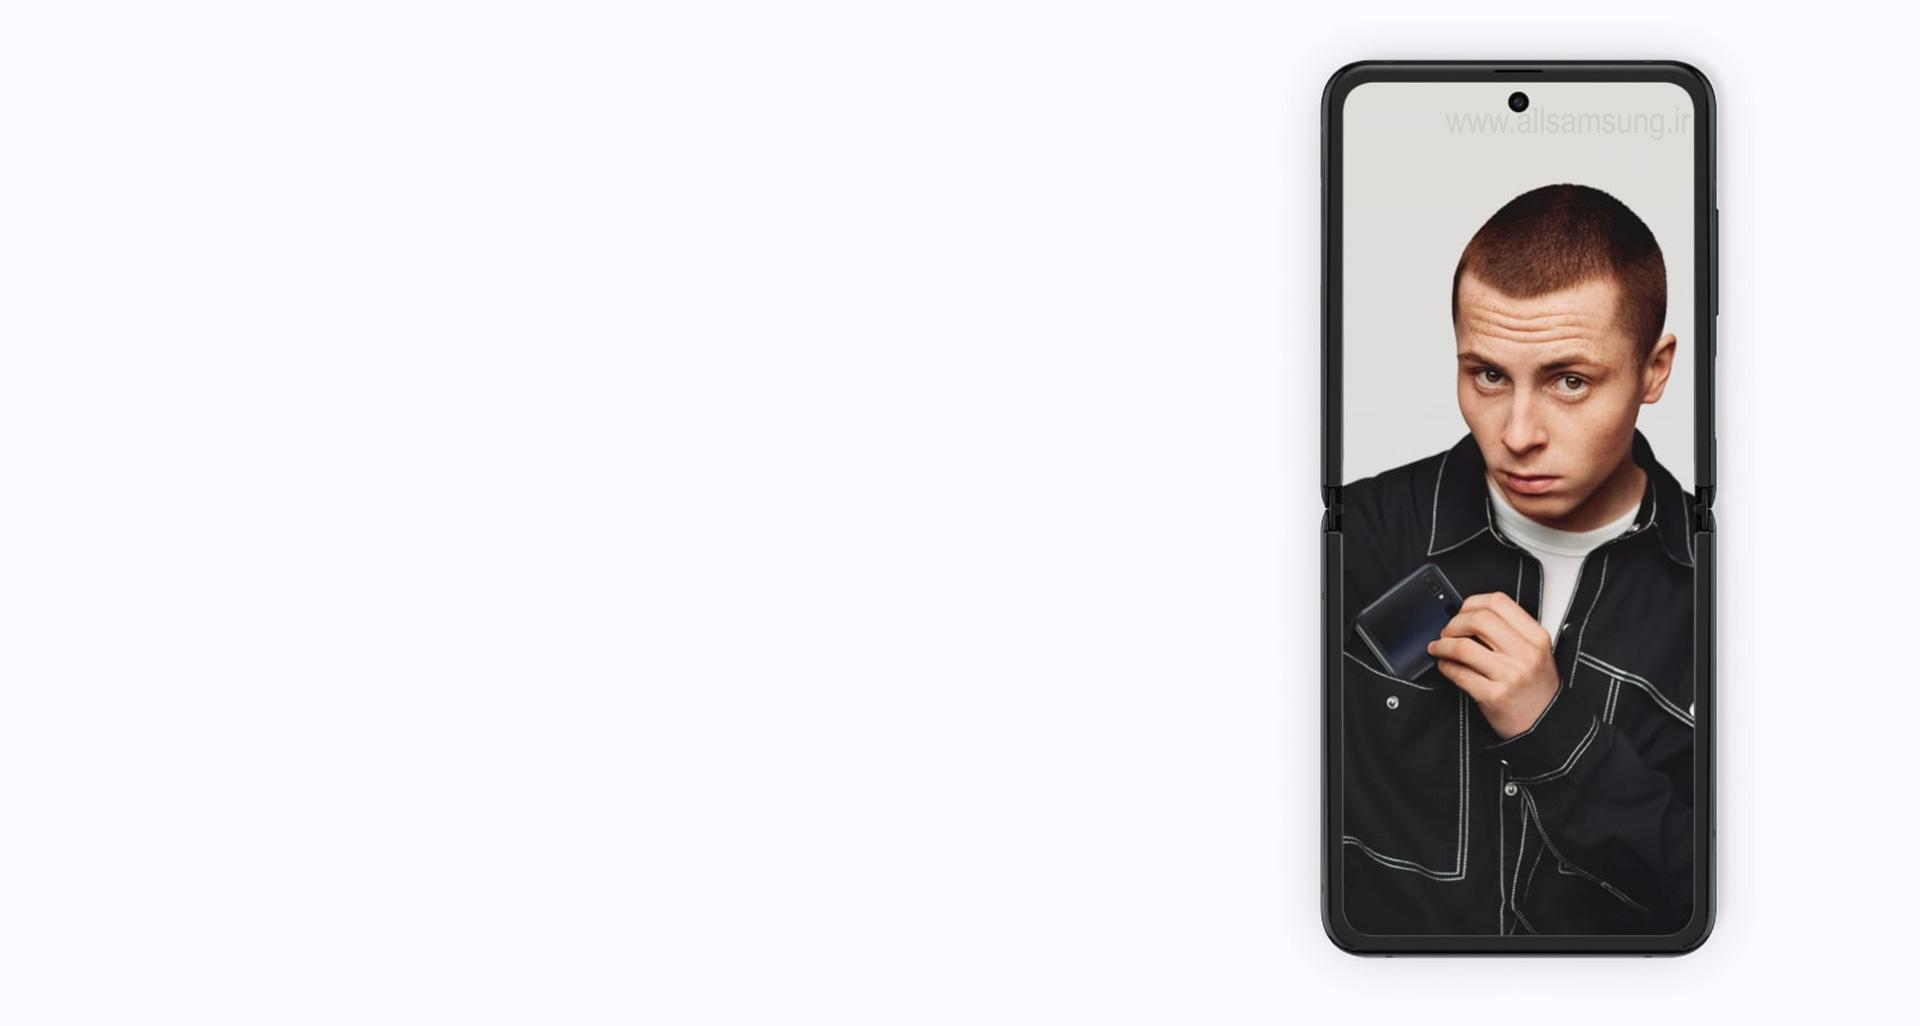 صفحه فول اسکرین z flip با اندازه ای متناسب با جیب شما